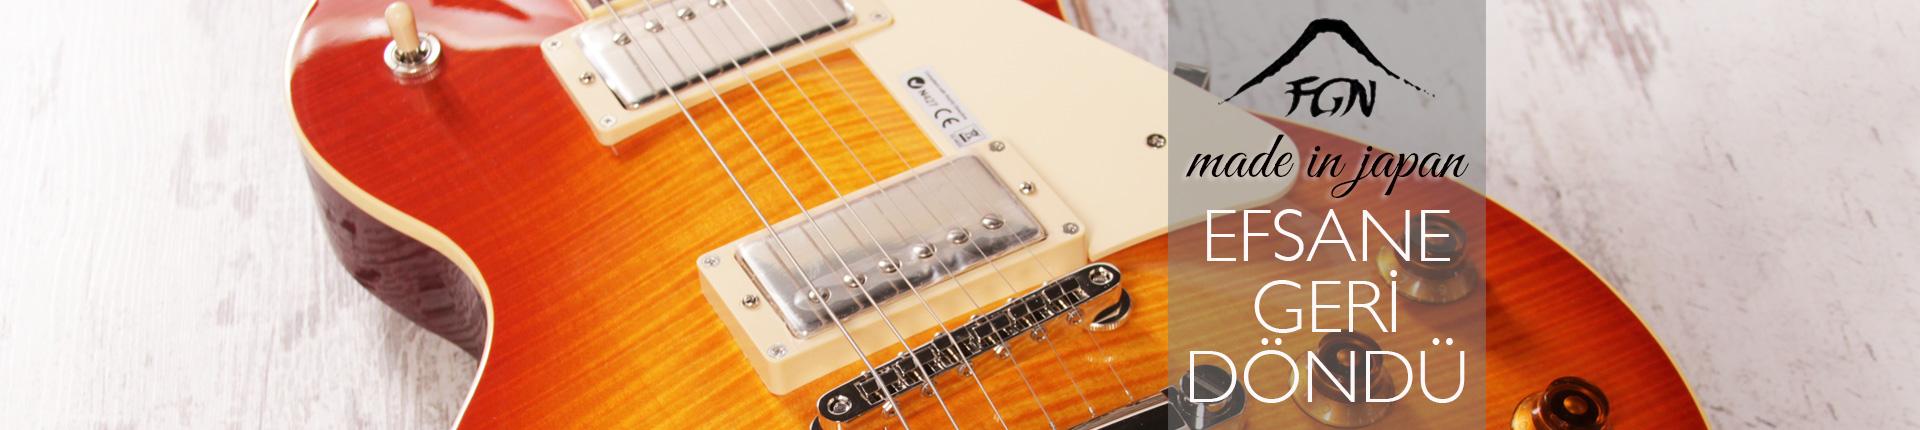 FGN Gitar